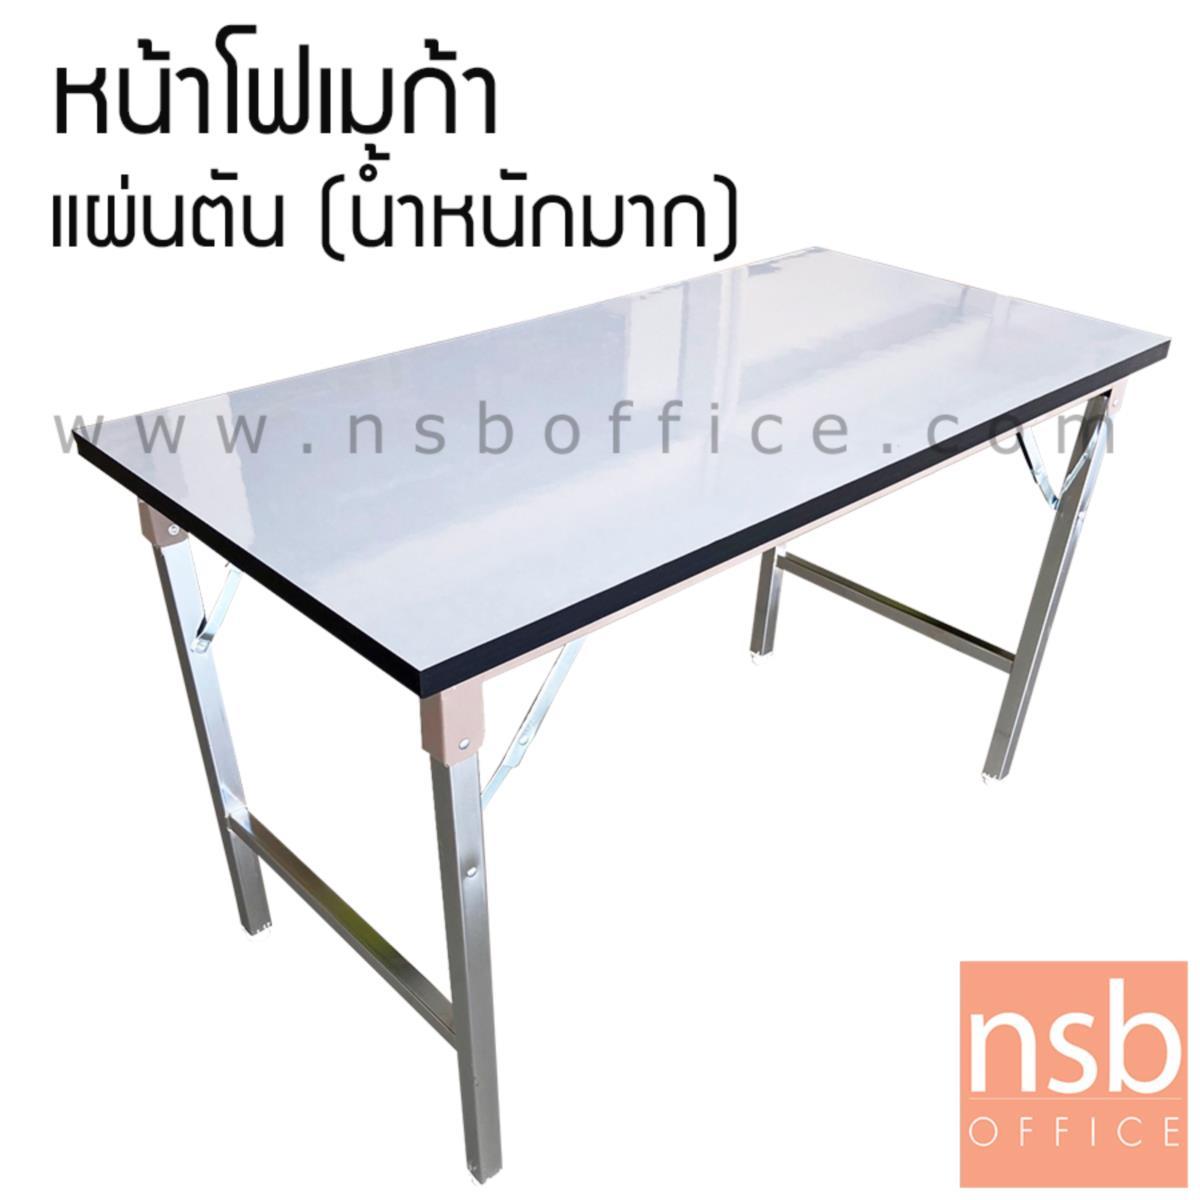 A07A065:โต๊ะพับหน้าโฟเมก้าขาวเงา top ไม้ตัน รุ่น Rodgers (ร็อดเจอร์ส)